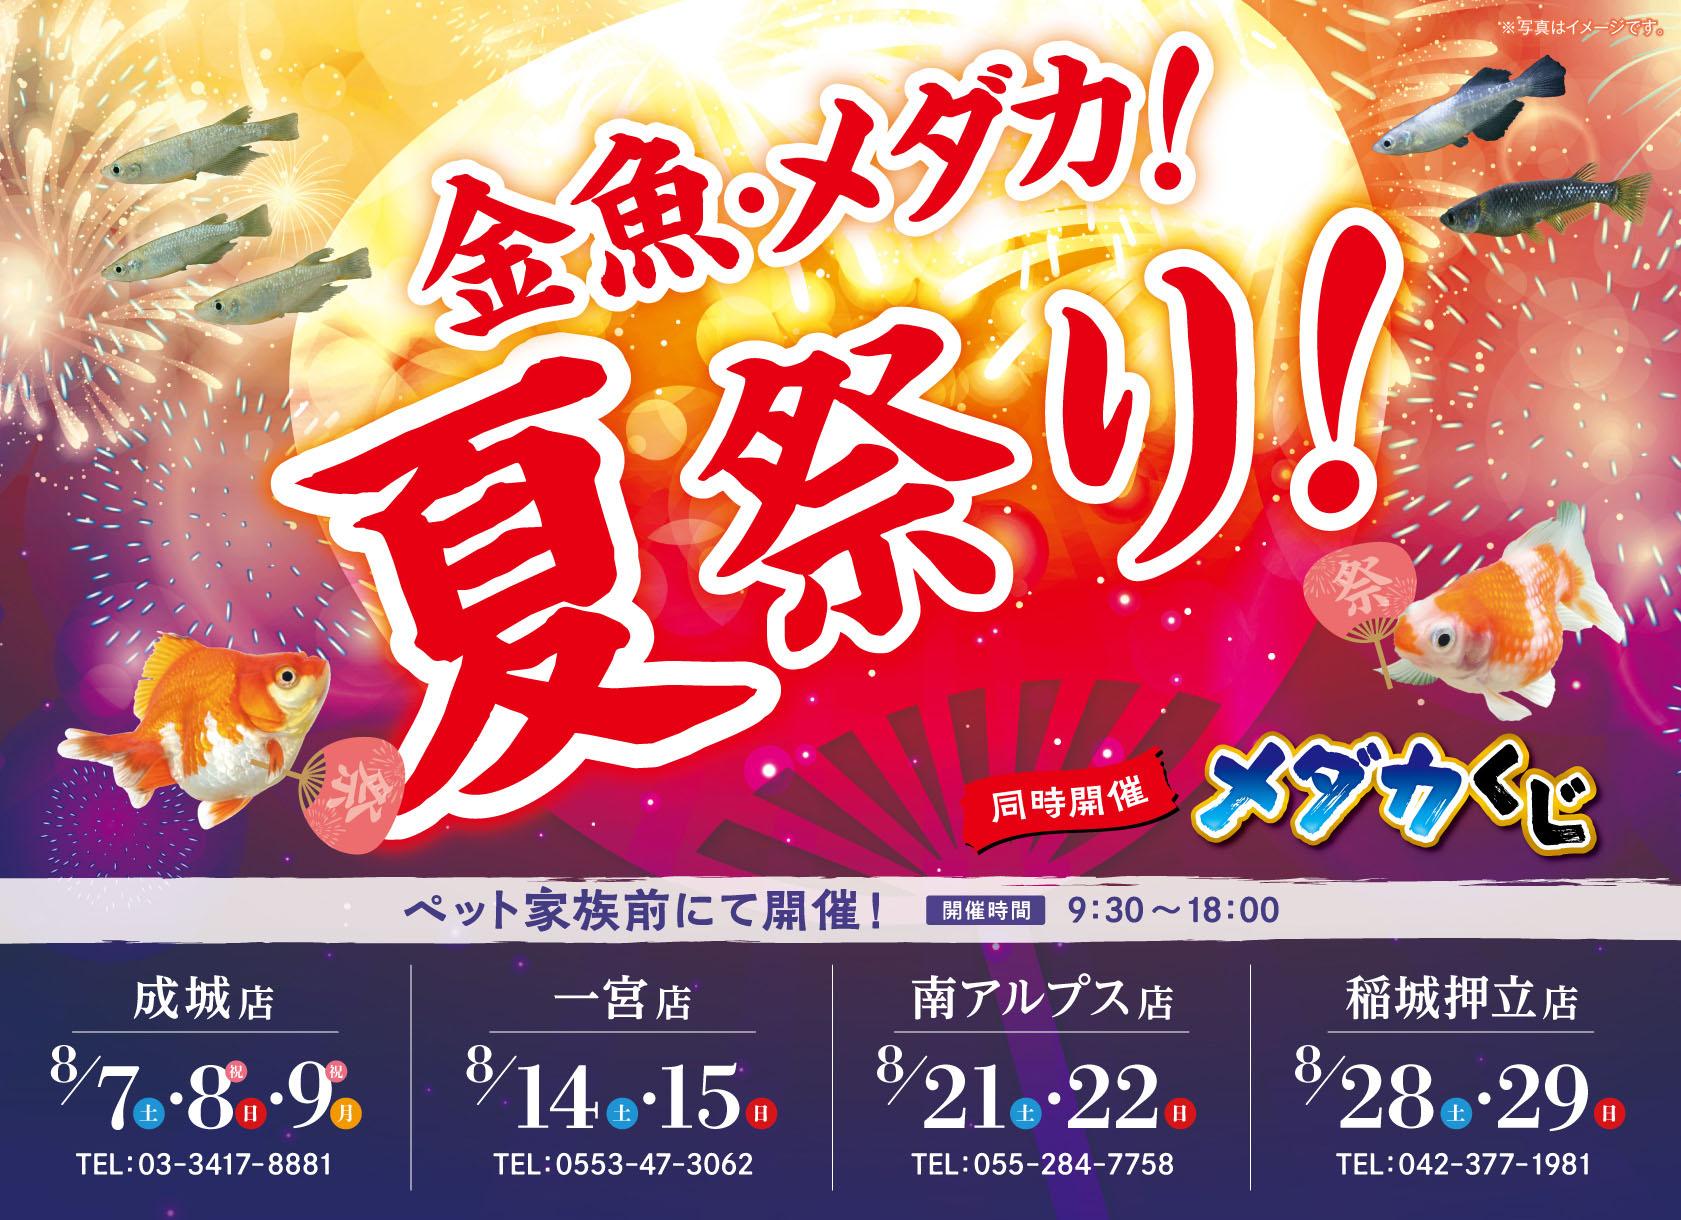 金魚・メダカ!夏祭り!開催!